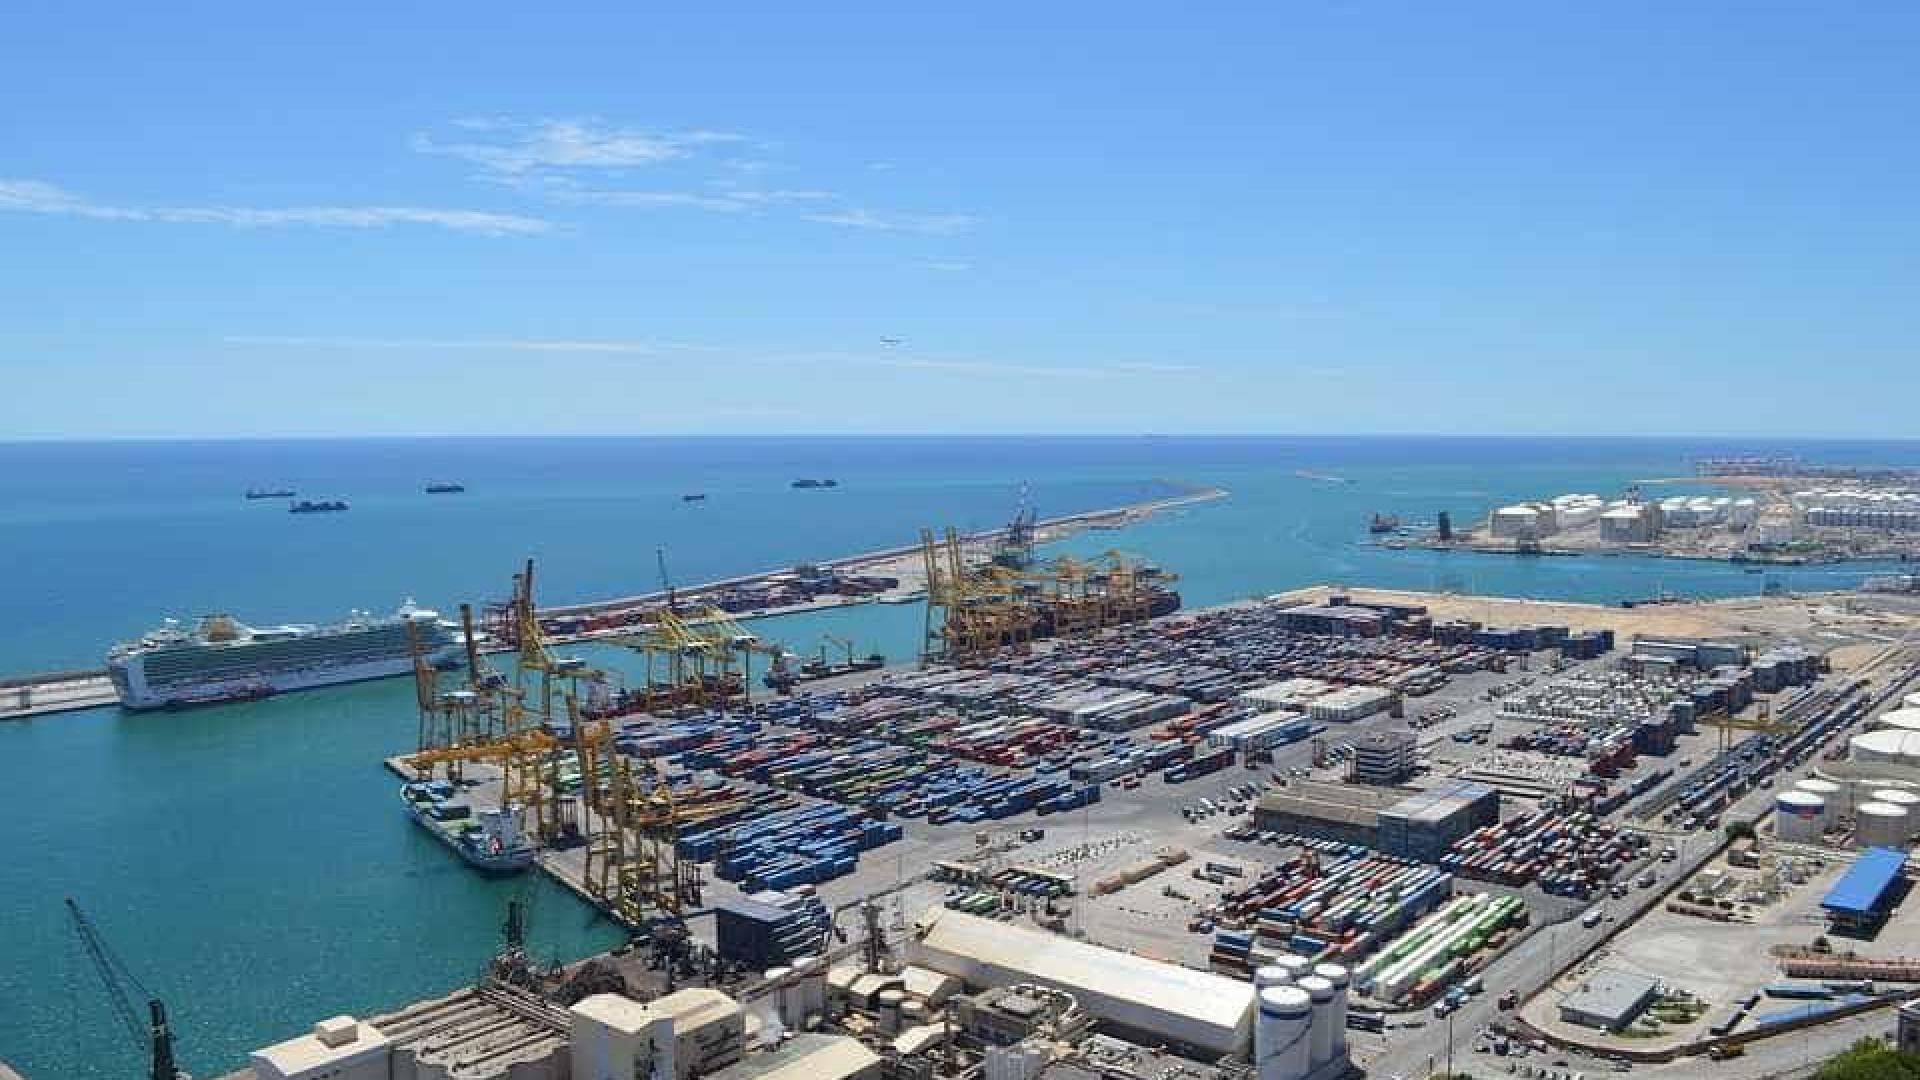 Ferry choca com cruzeiro no porto de Barcelona